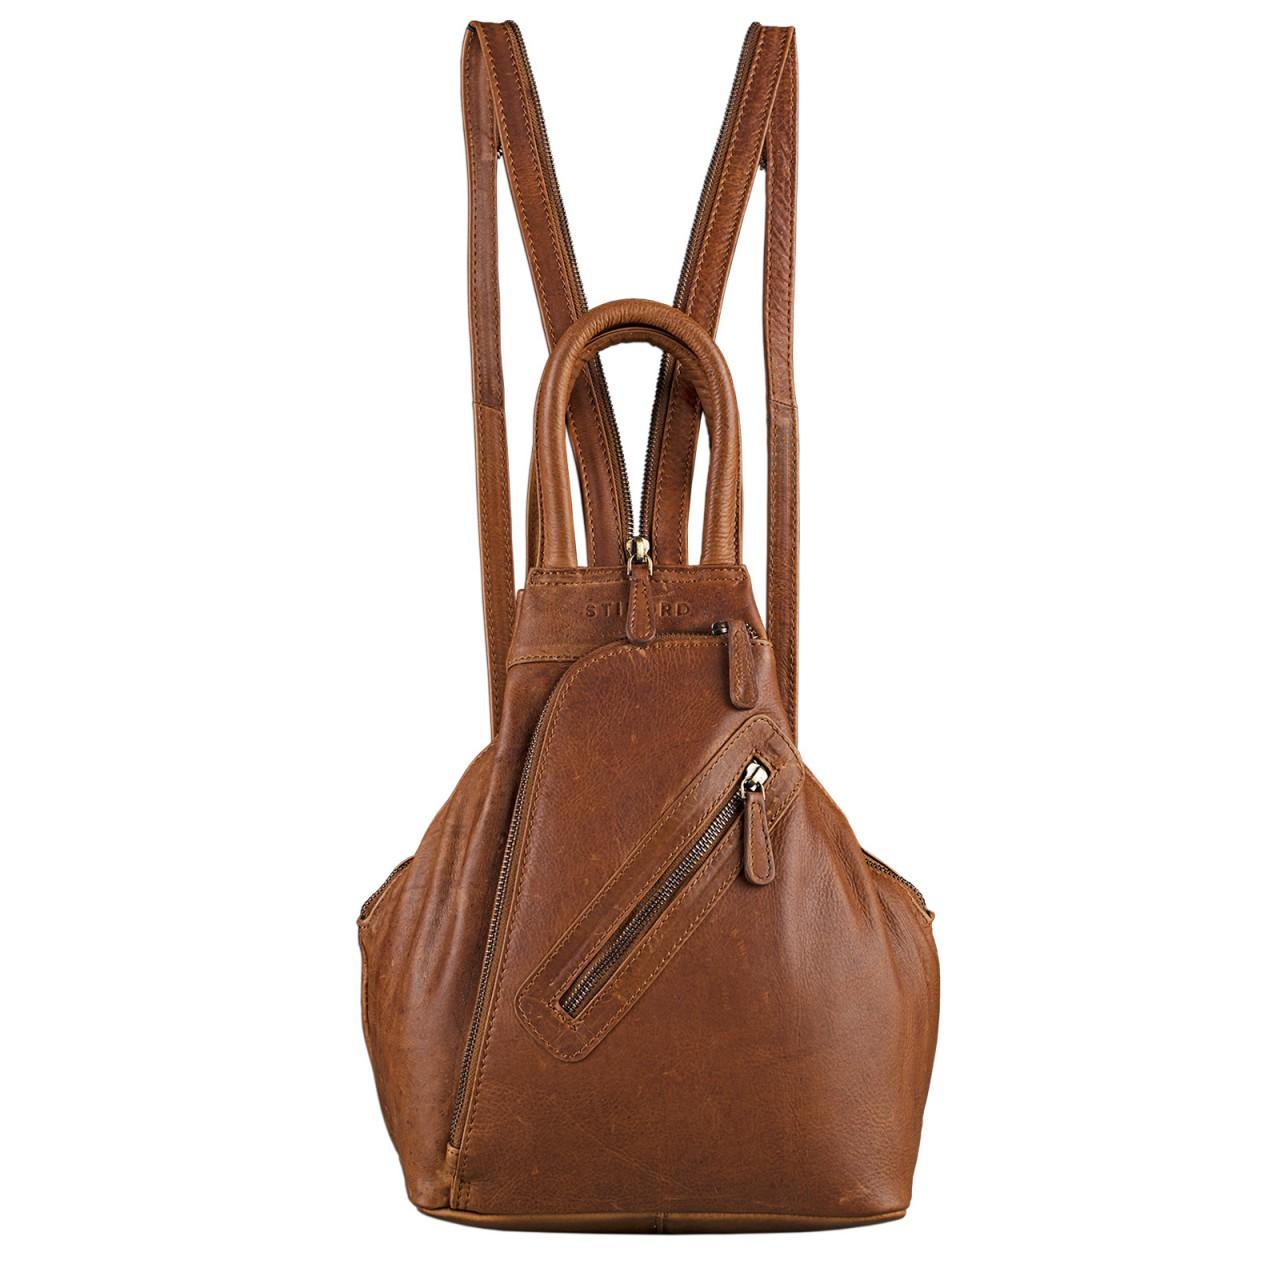 STILORD Damen Rucksack Vintage mit Henkel und Reißverschluss Handtasche elegantes und robustes Büffel Leder Cognac Braun - Bild 2